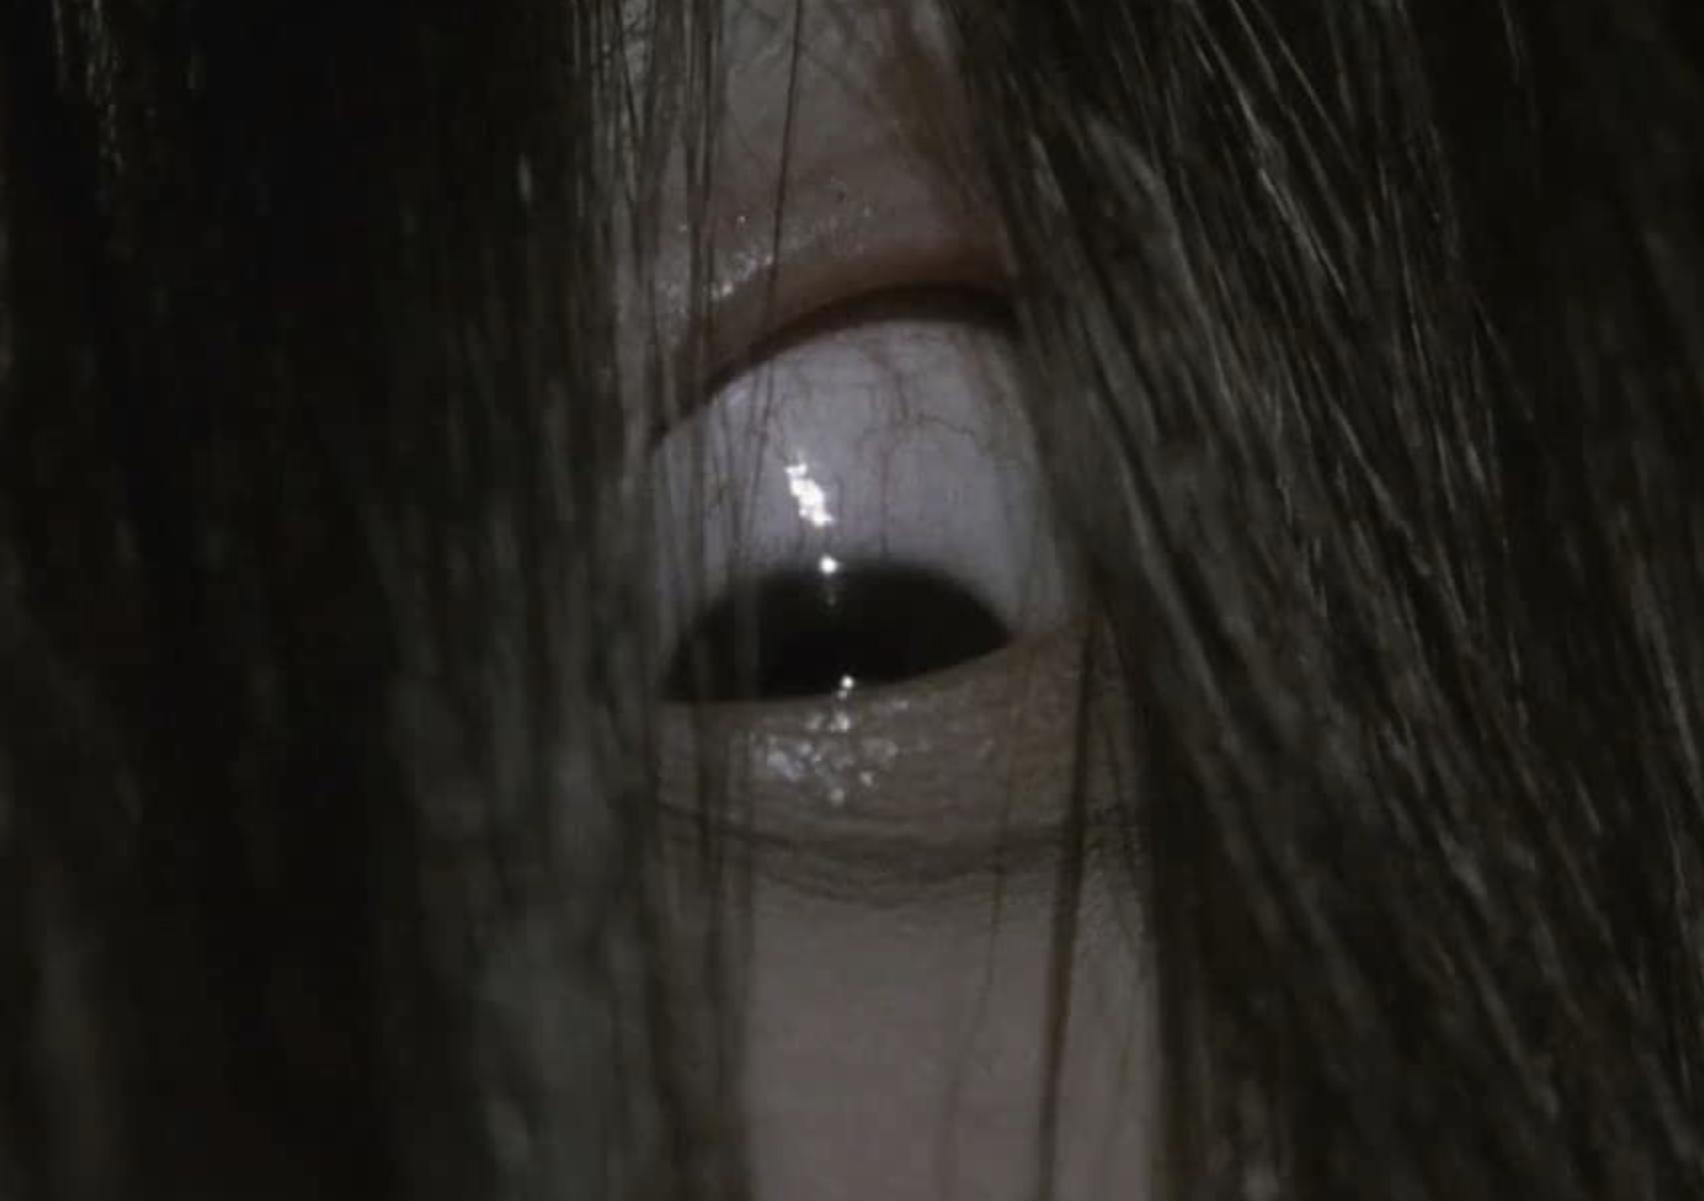 Golden Scene 高先電影院 電影發行 午夜凶鈴 貞子 日本片 恐怖片